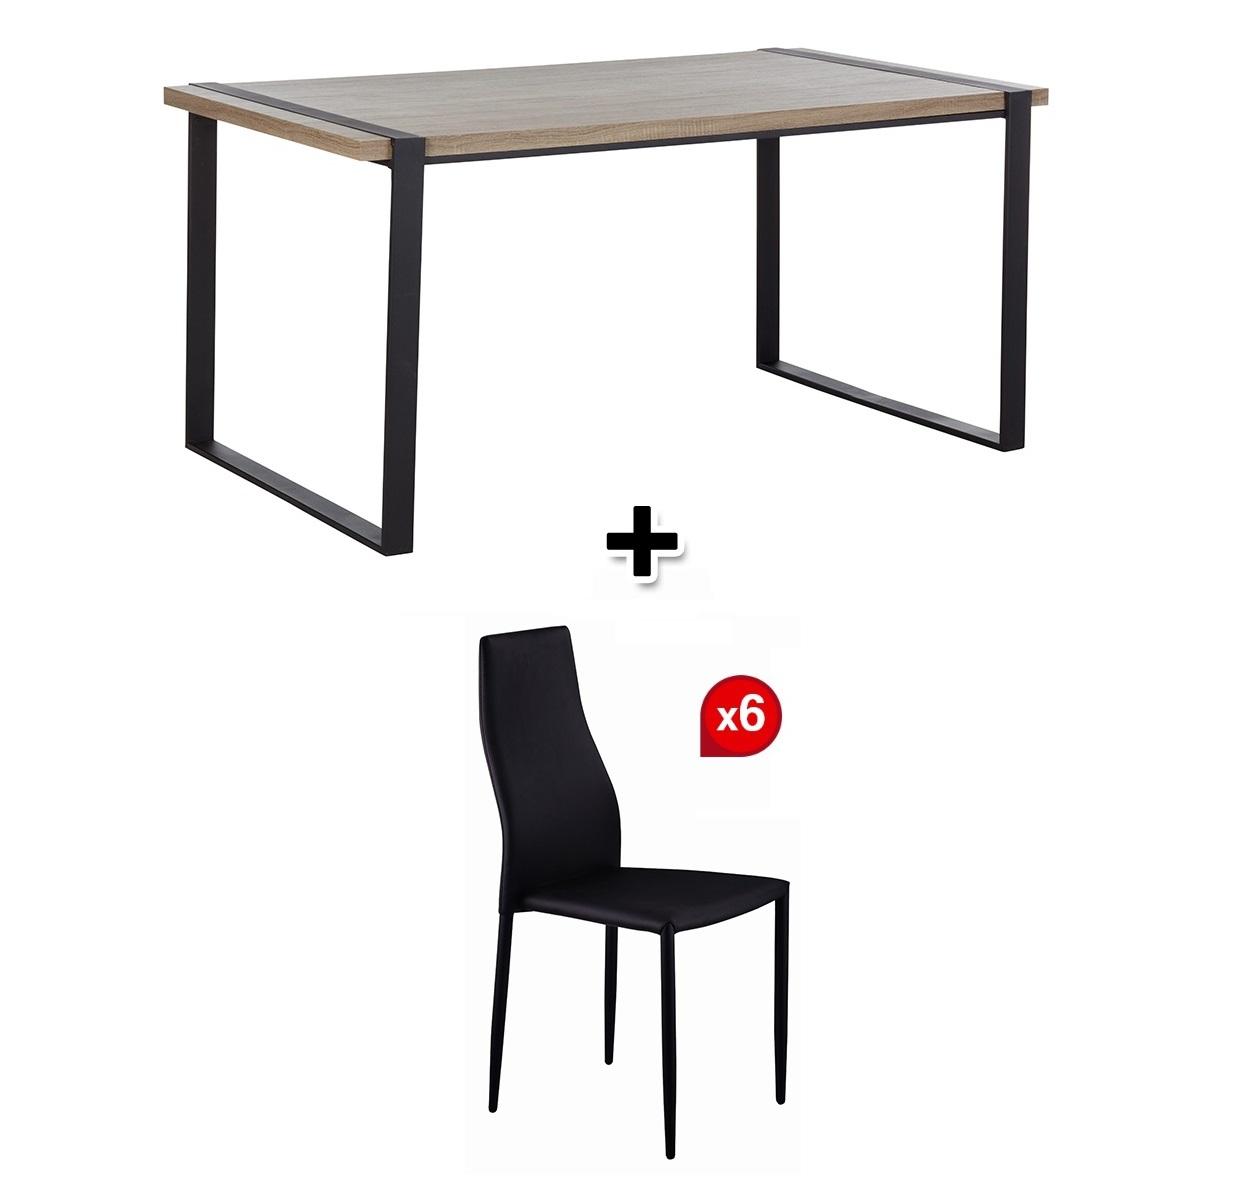 - PARK AVENUE table de séjour + 6 chaises WENDY noires